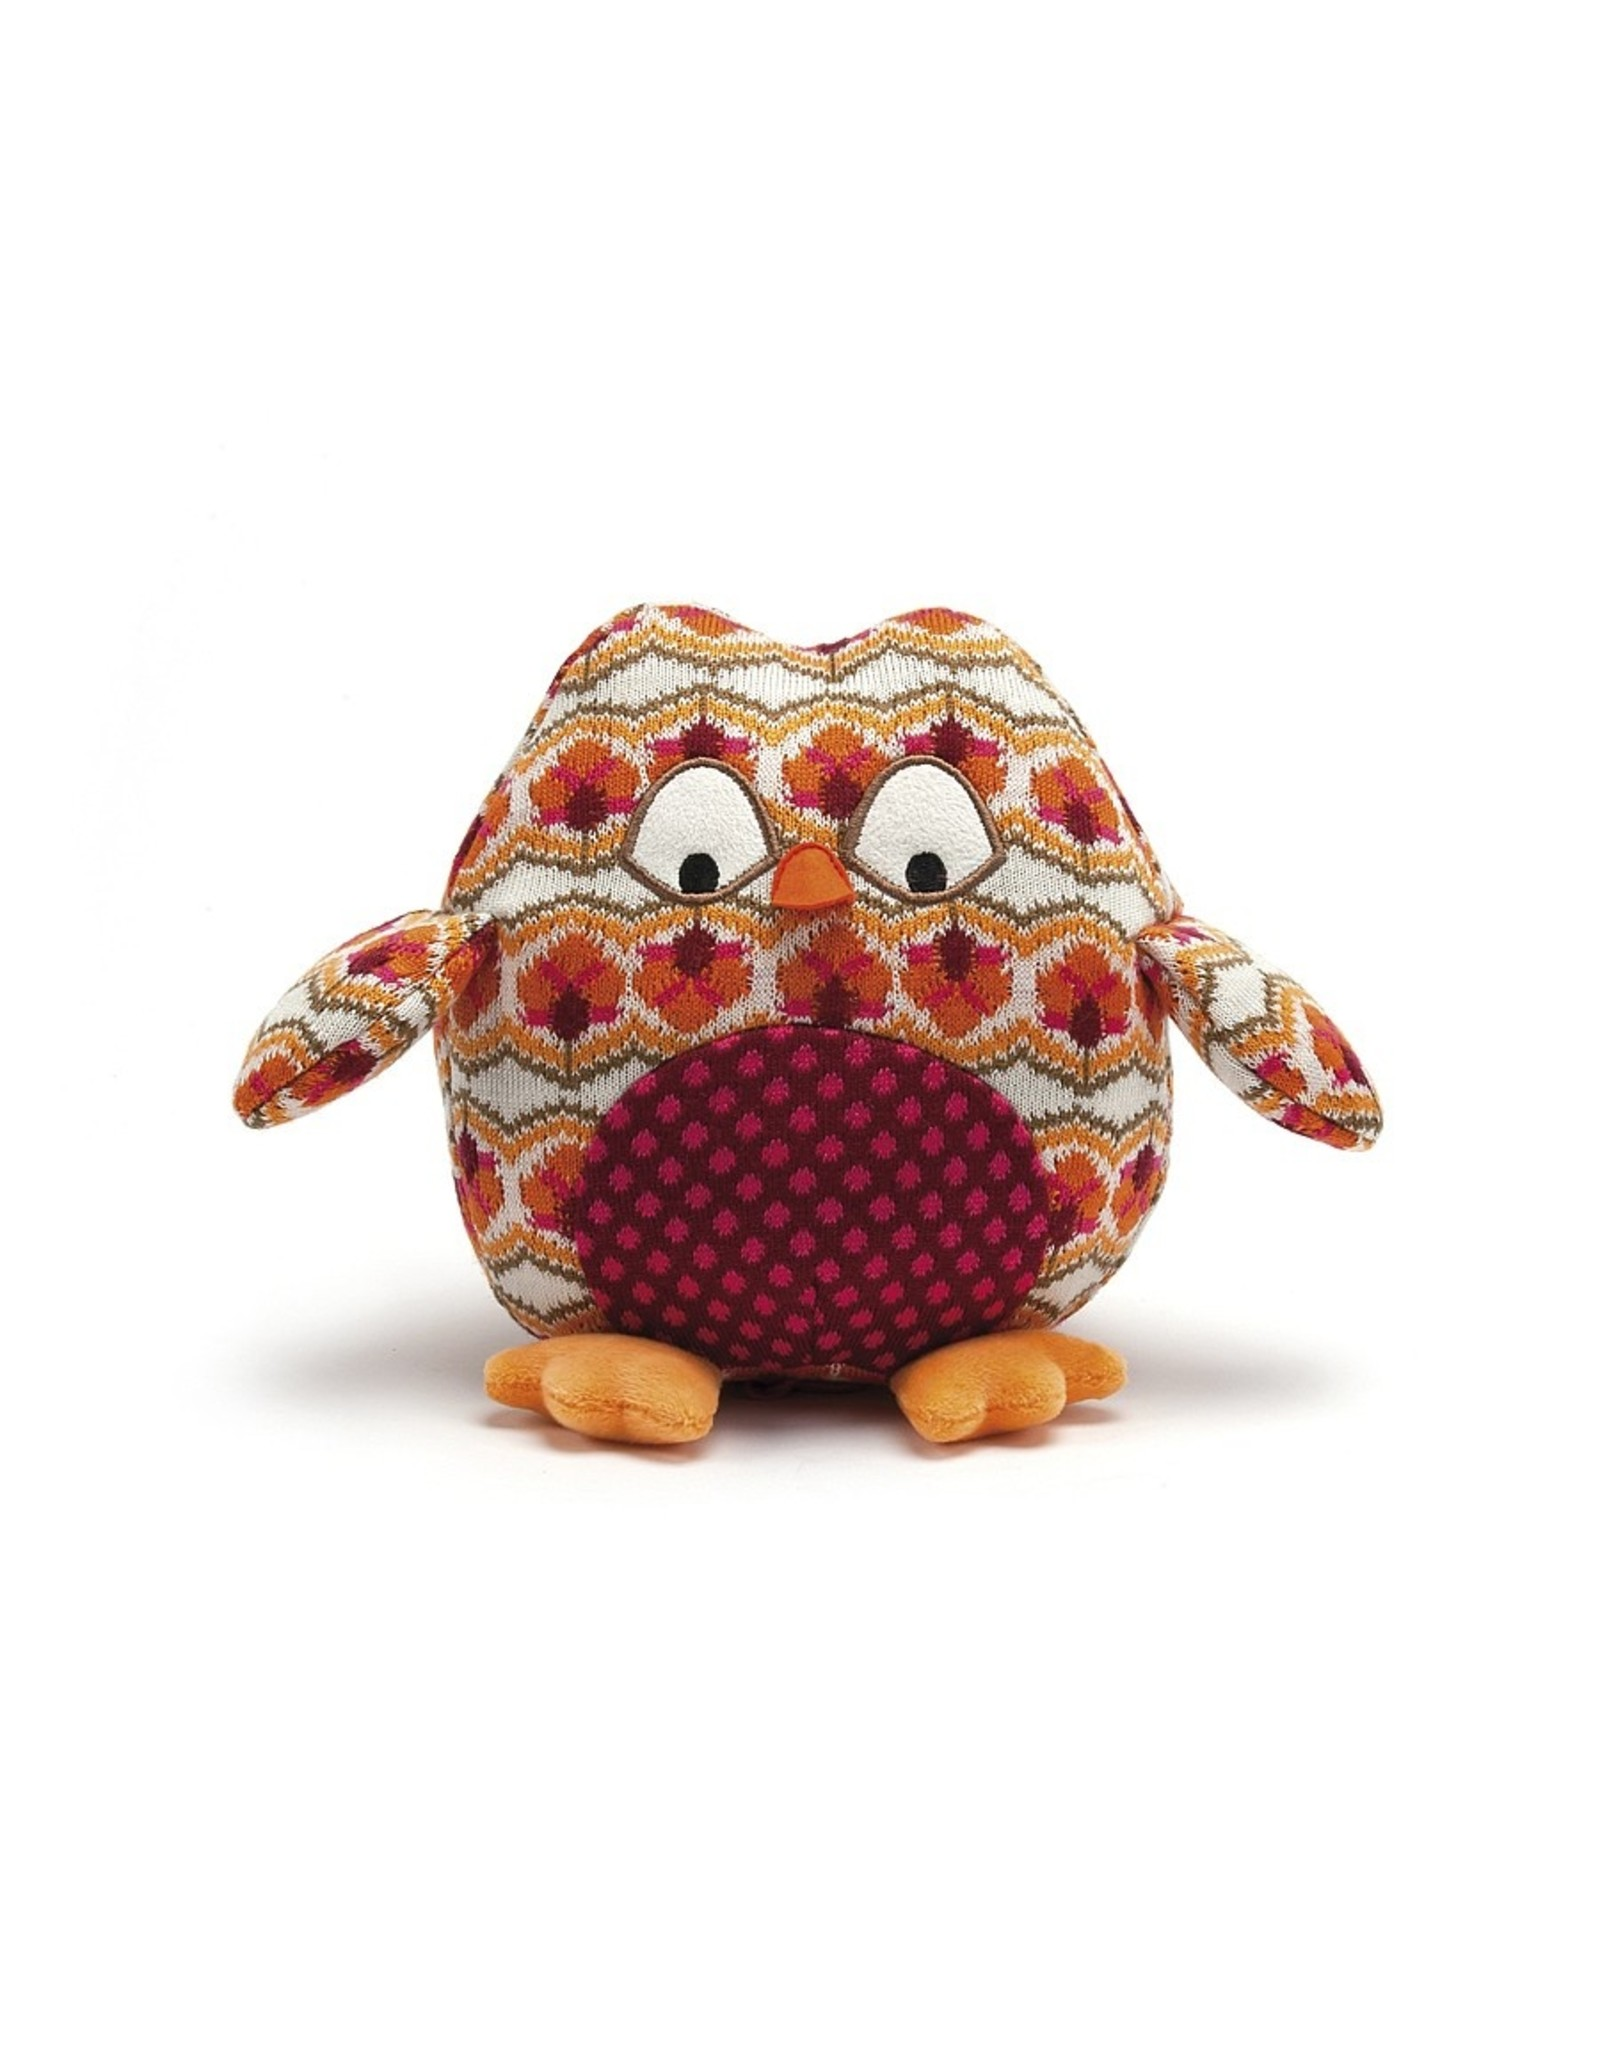 Jellycat knuffel - Hortense Owl